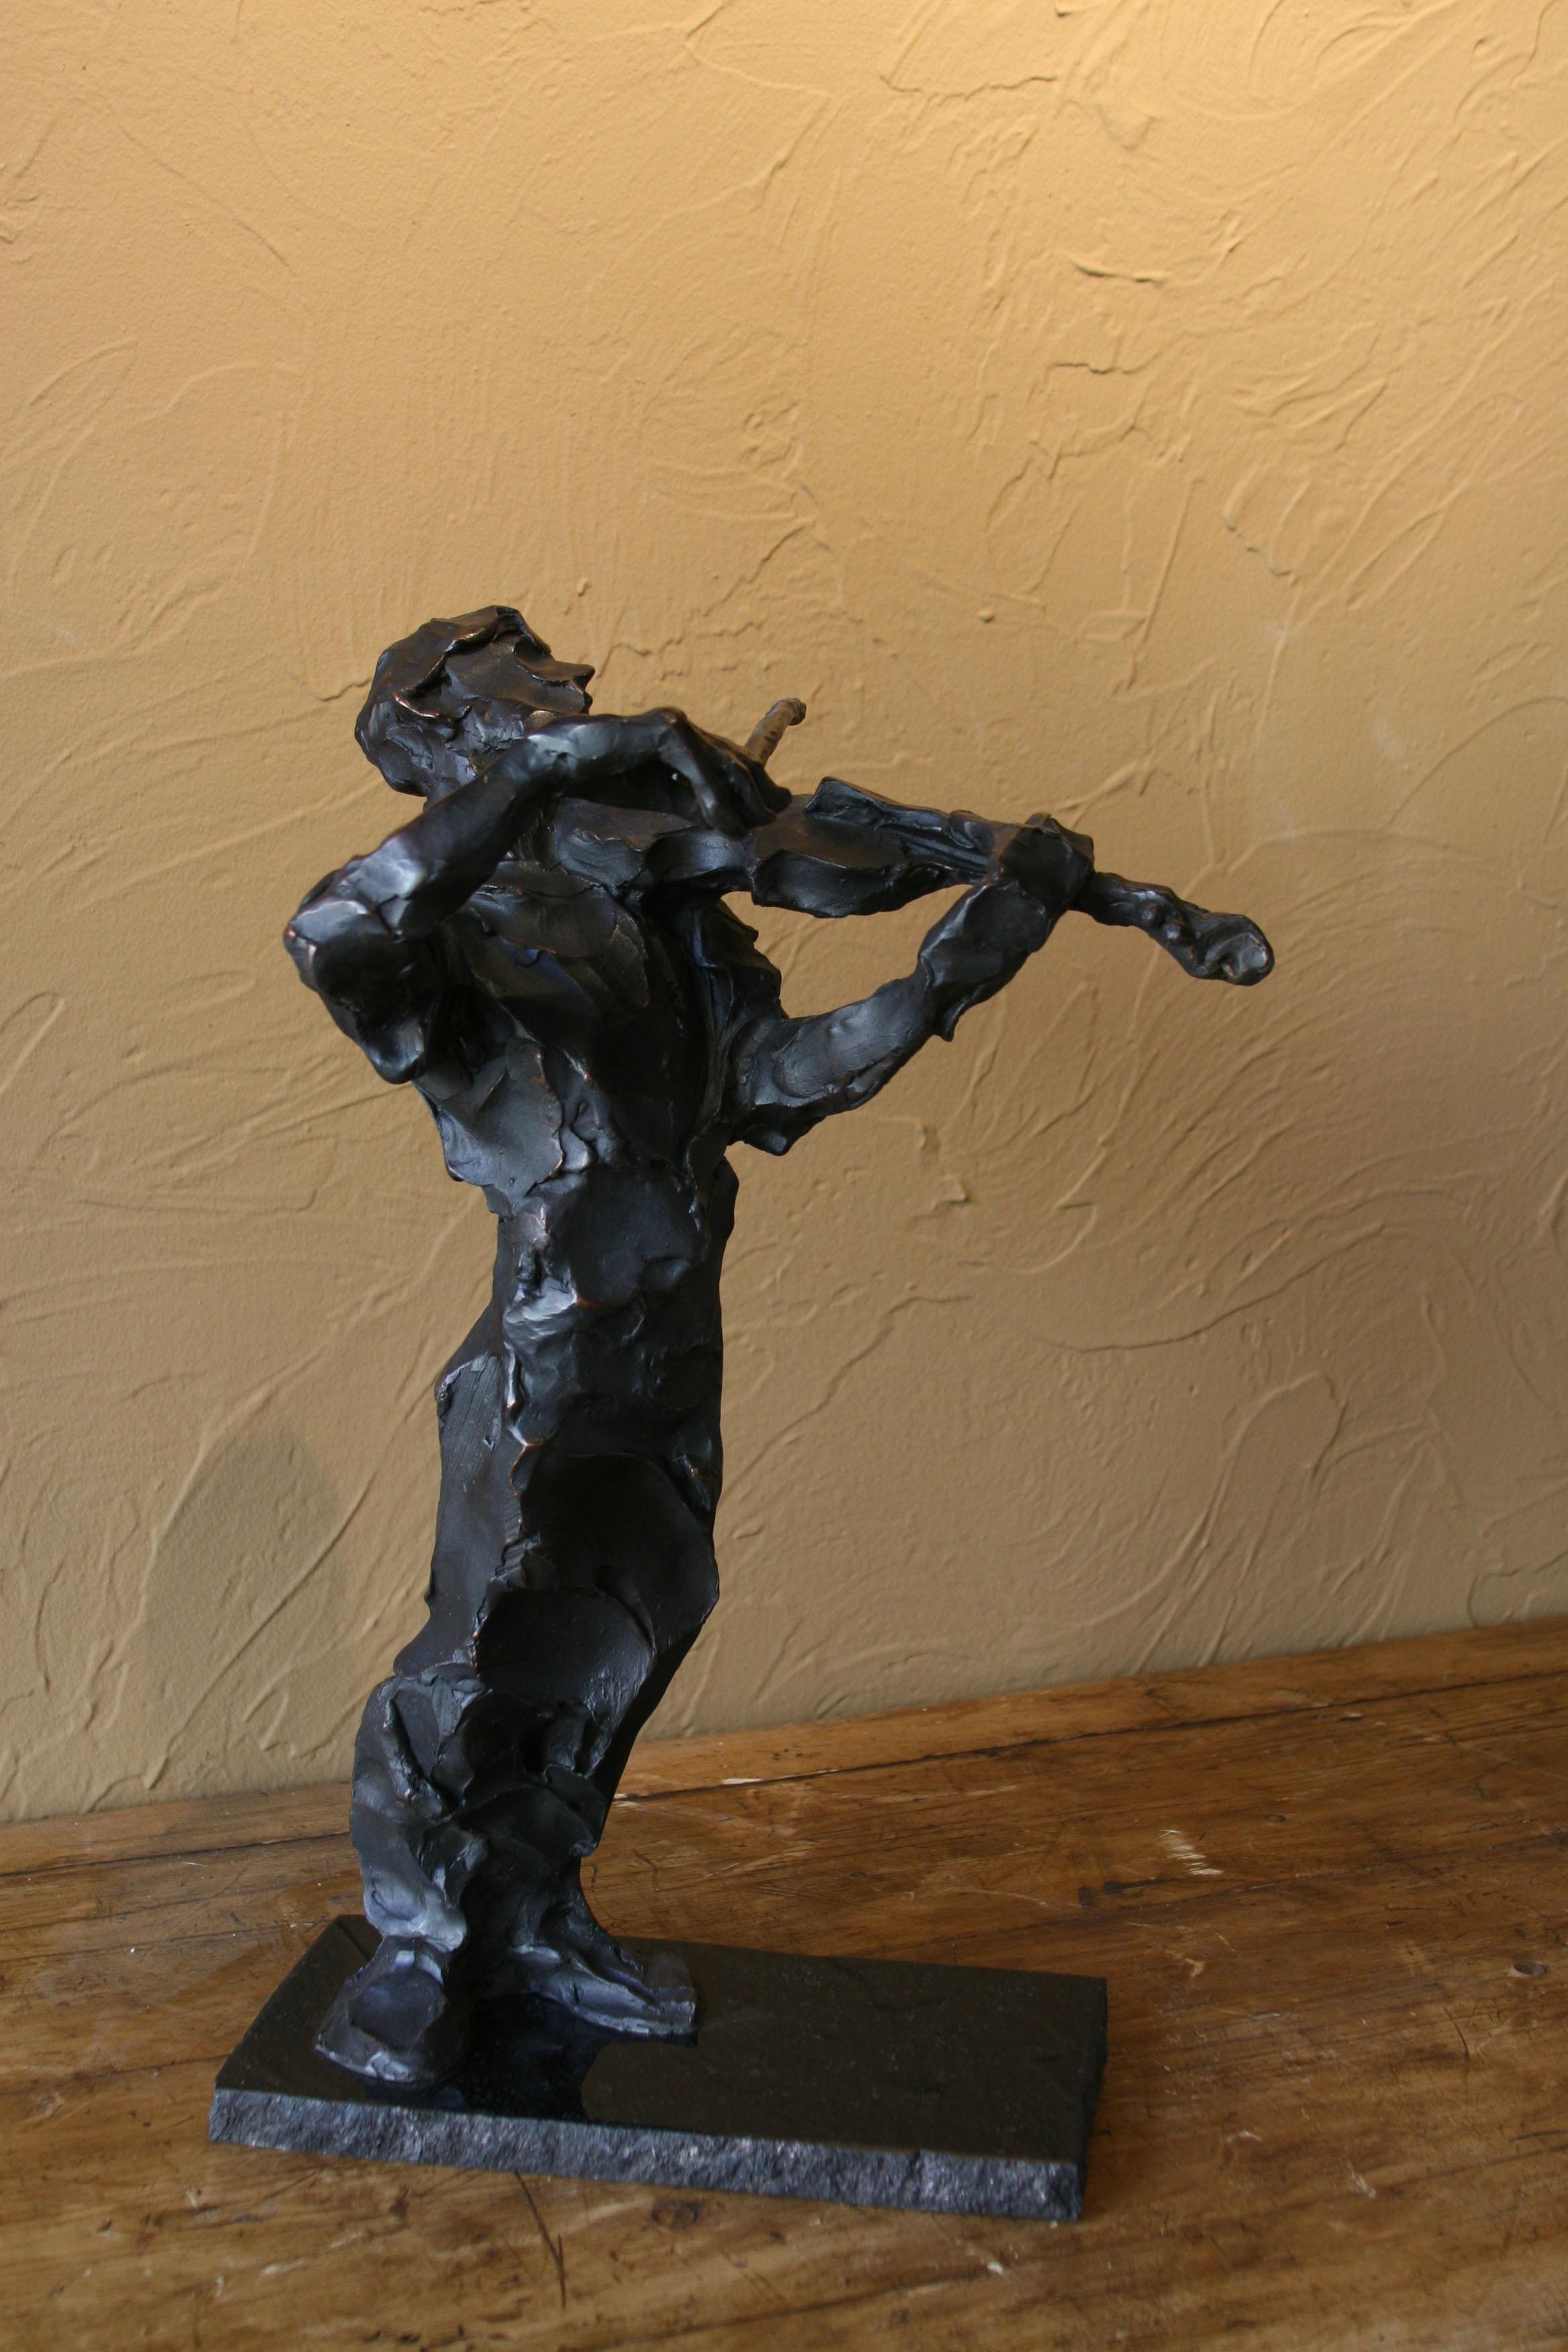 Concerto in E 5/21 (M... by Ms. Jane DeDecker - Masterpiece Online